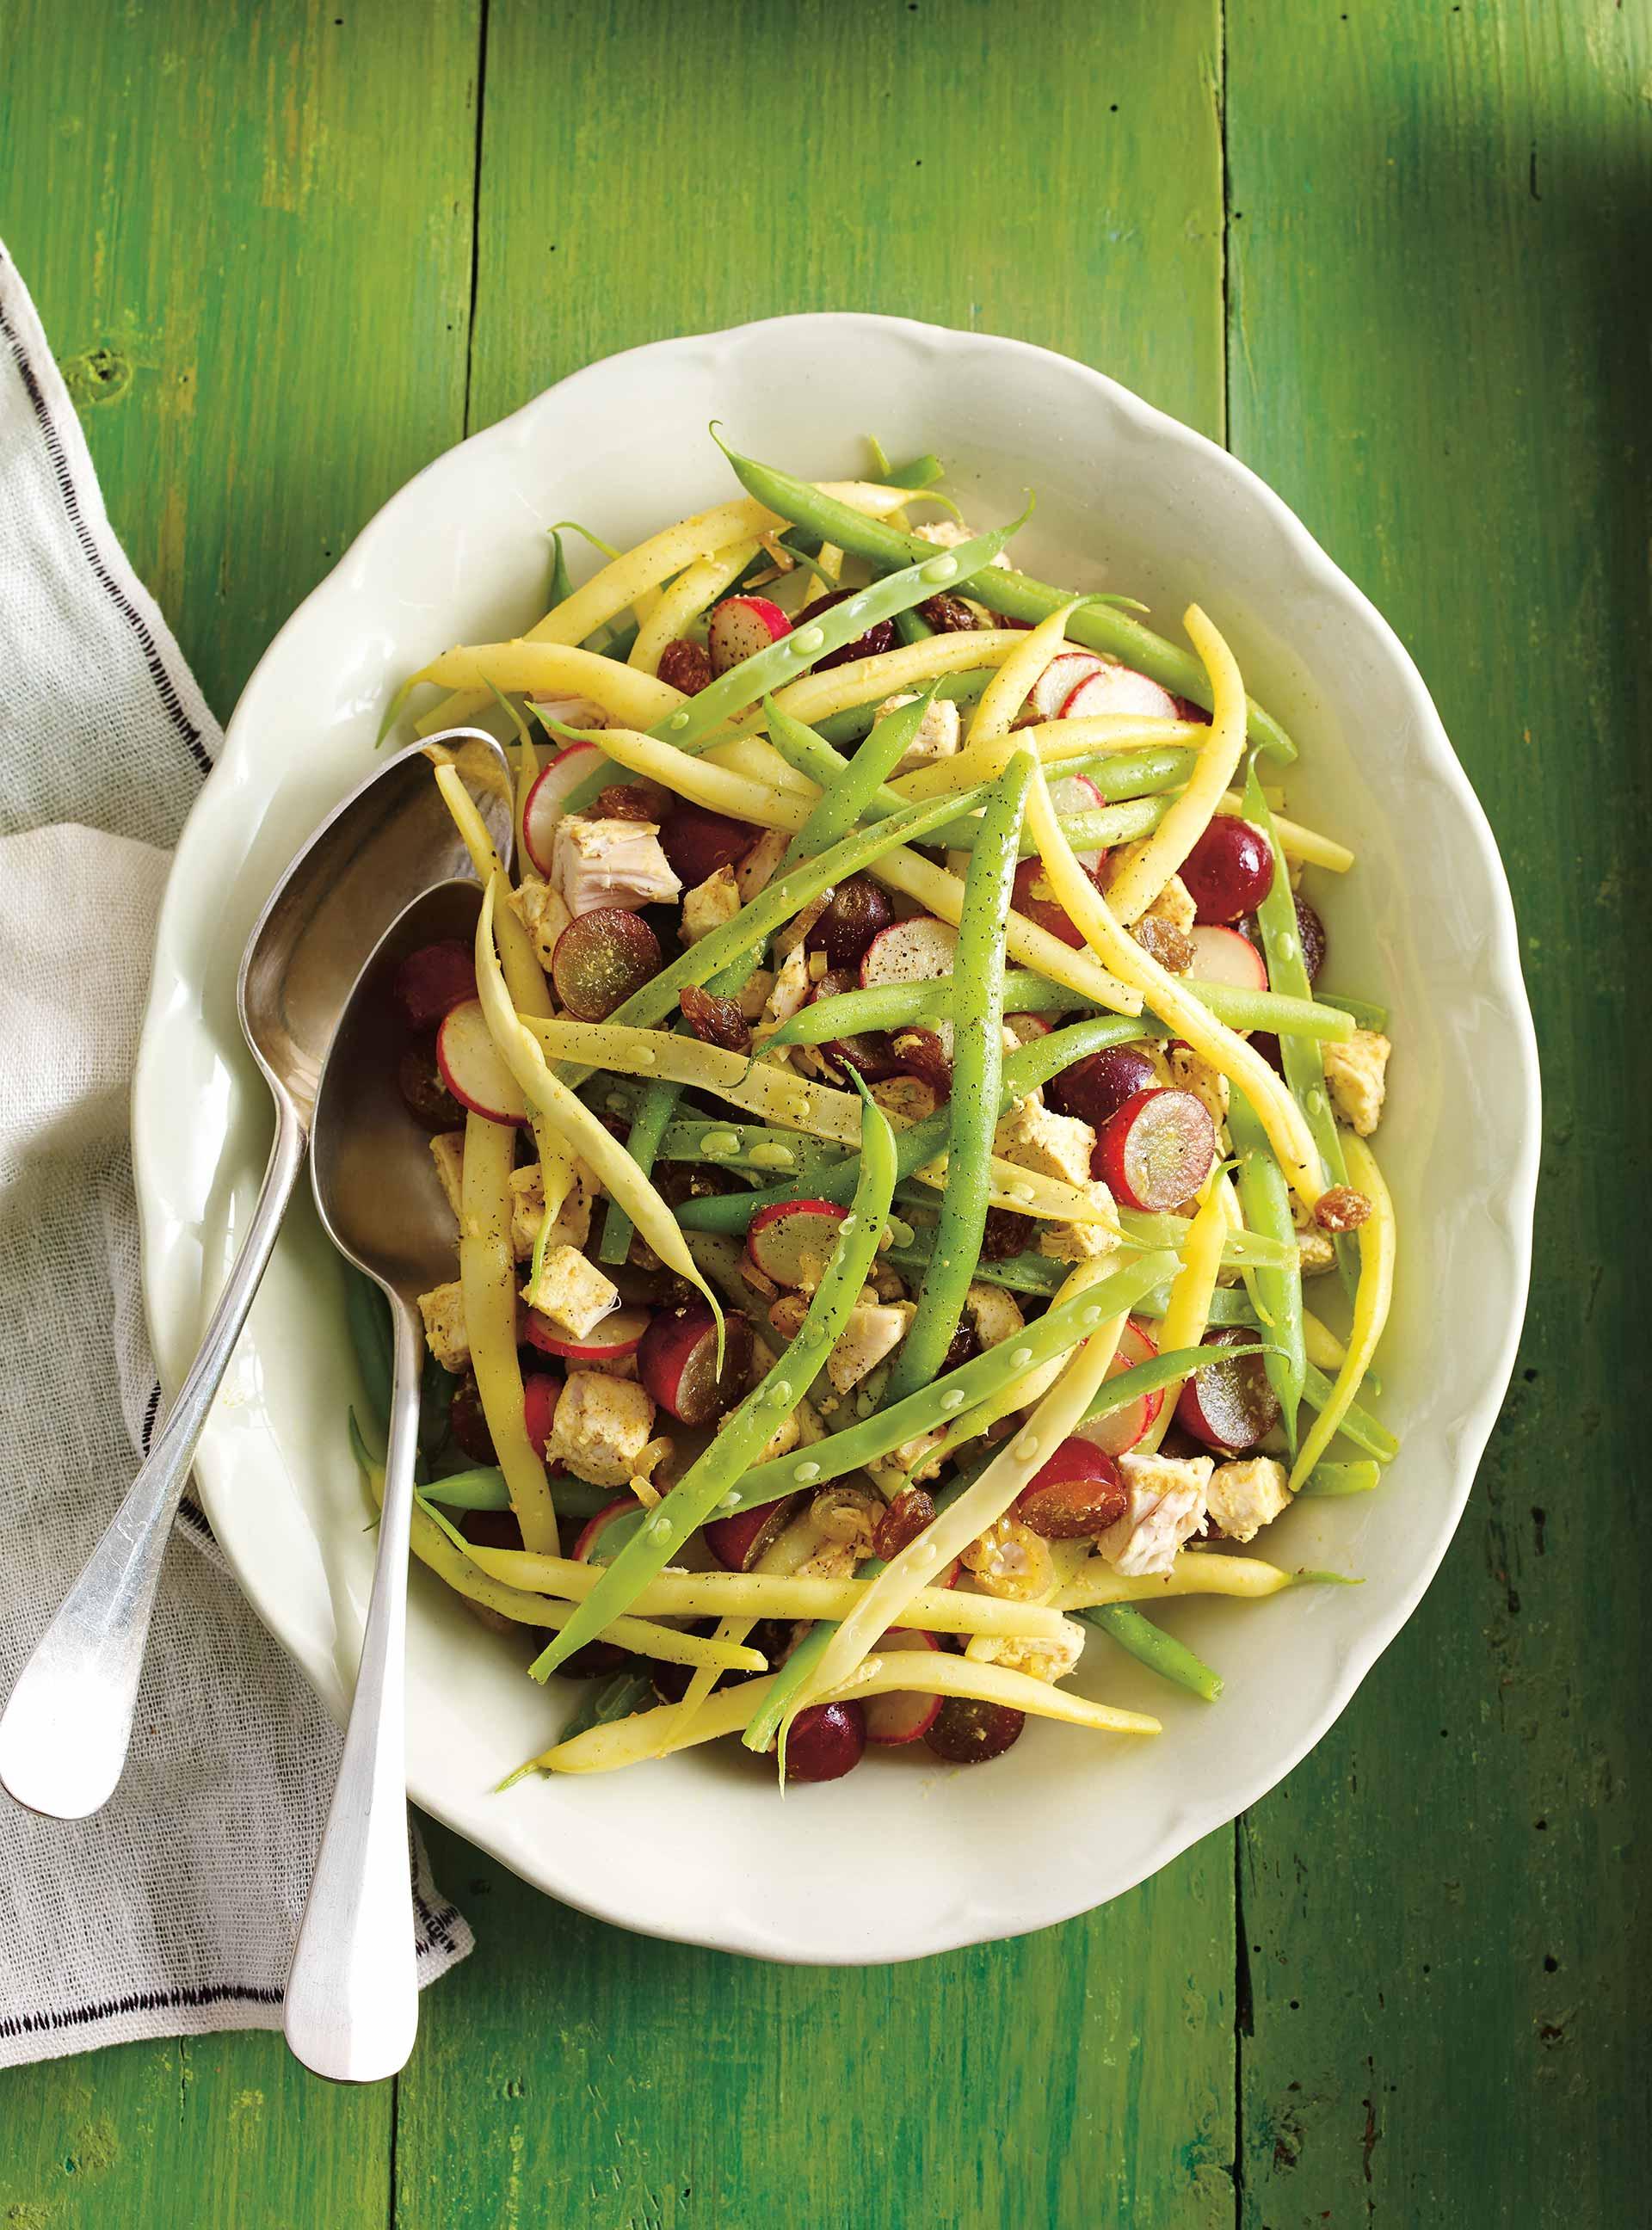 Salade de haricots au poulet et aux raisins | ricardo